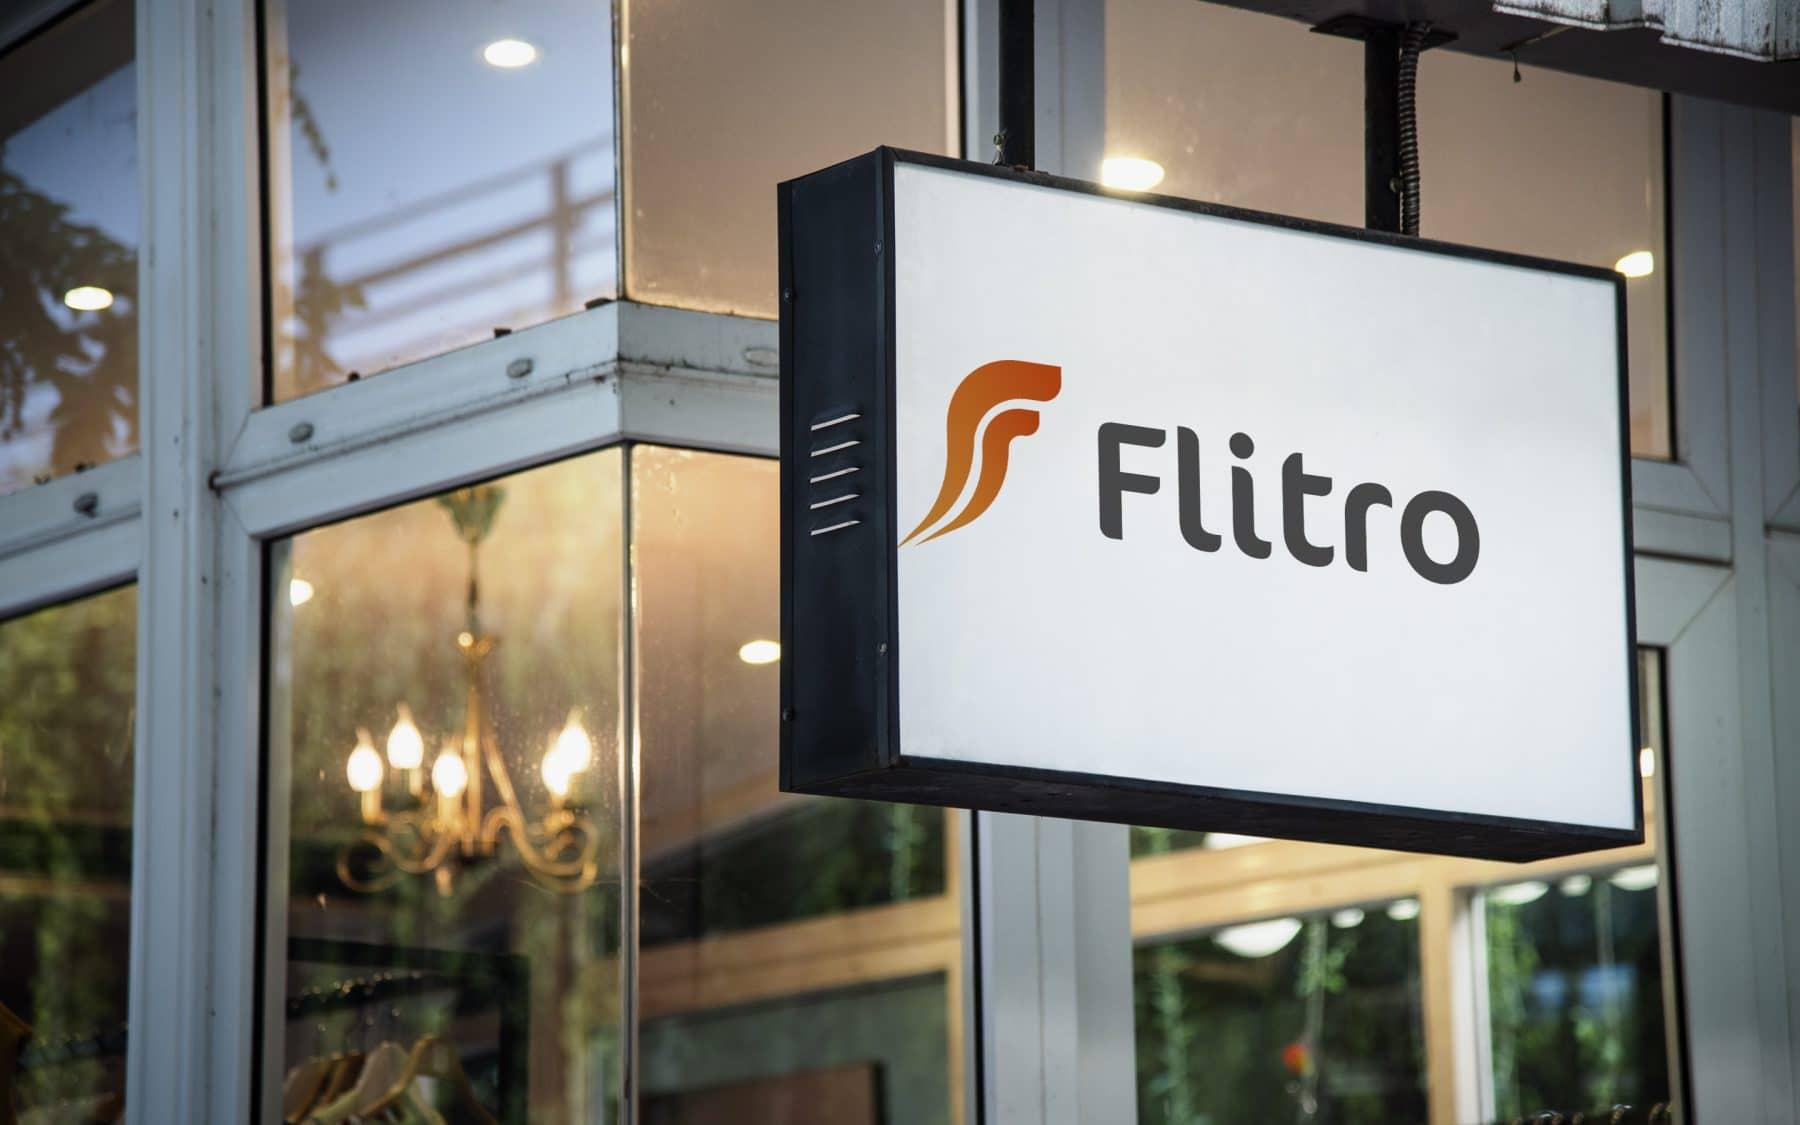 Flitro